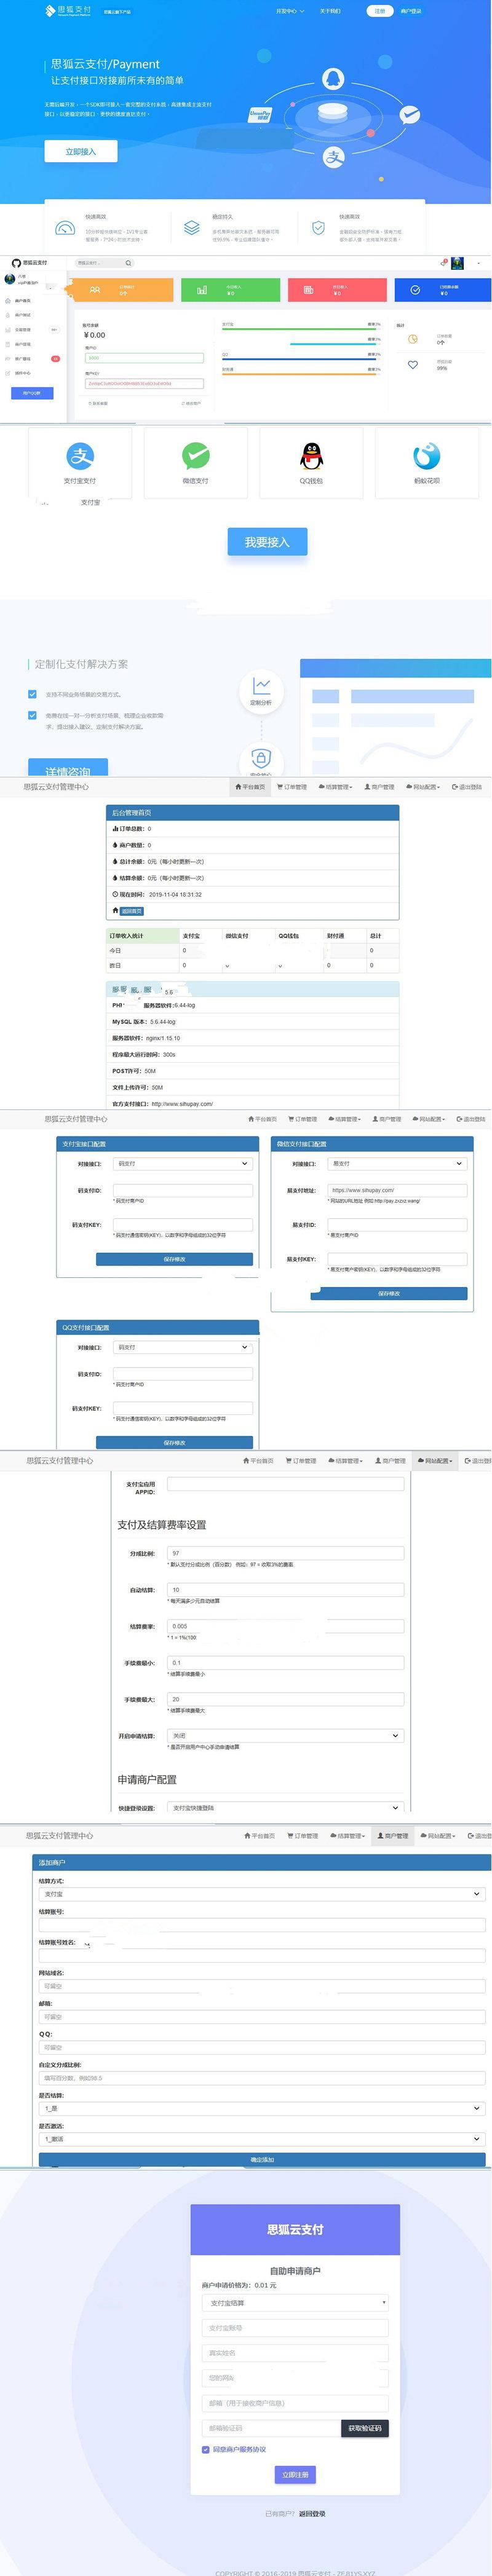 思狐云支付系统 第三方第四方免签约聚合支付系统